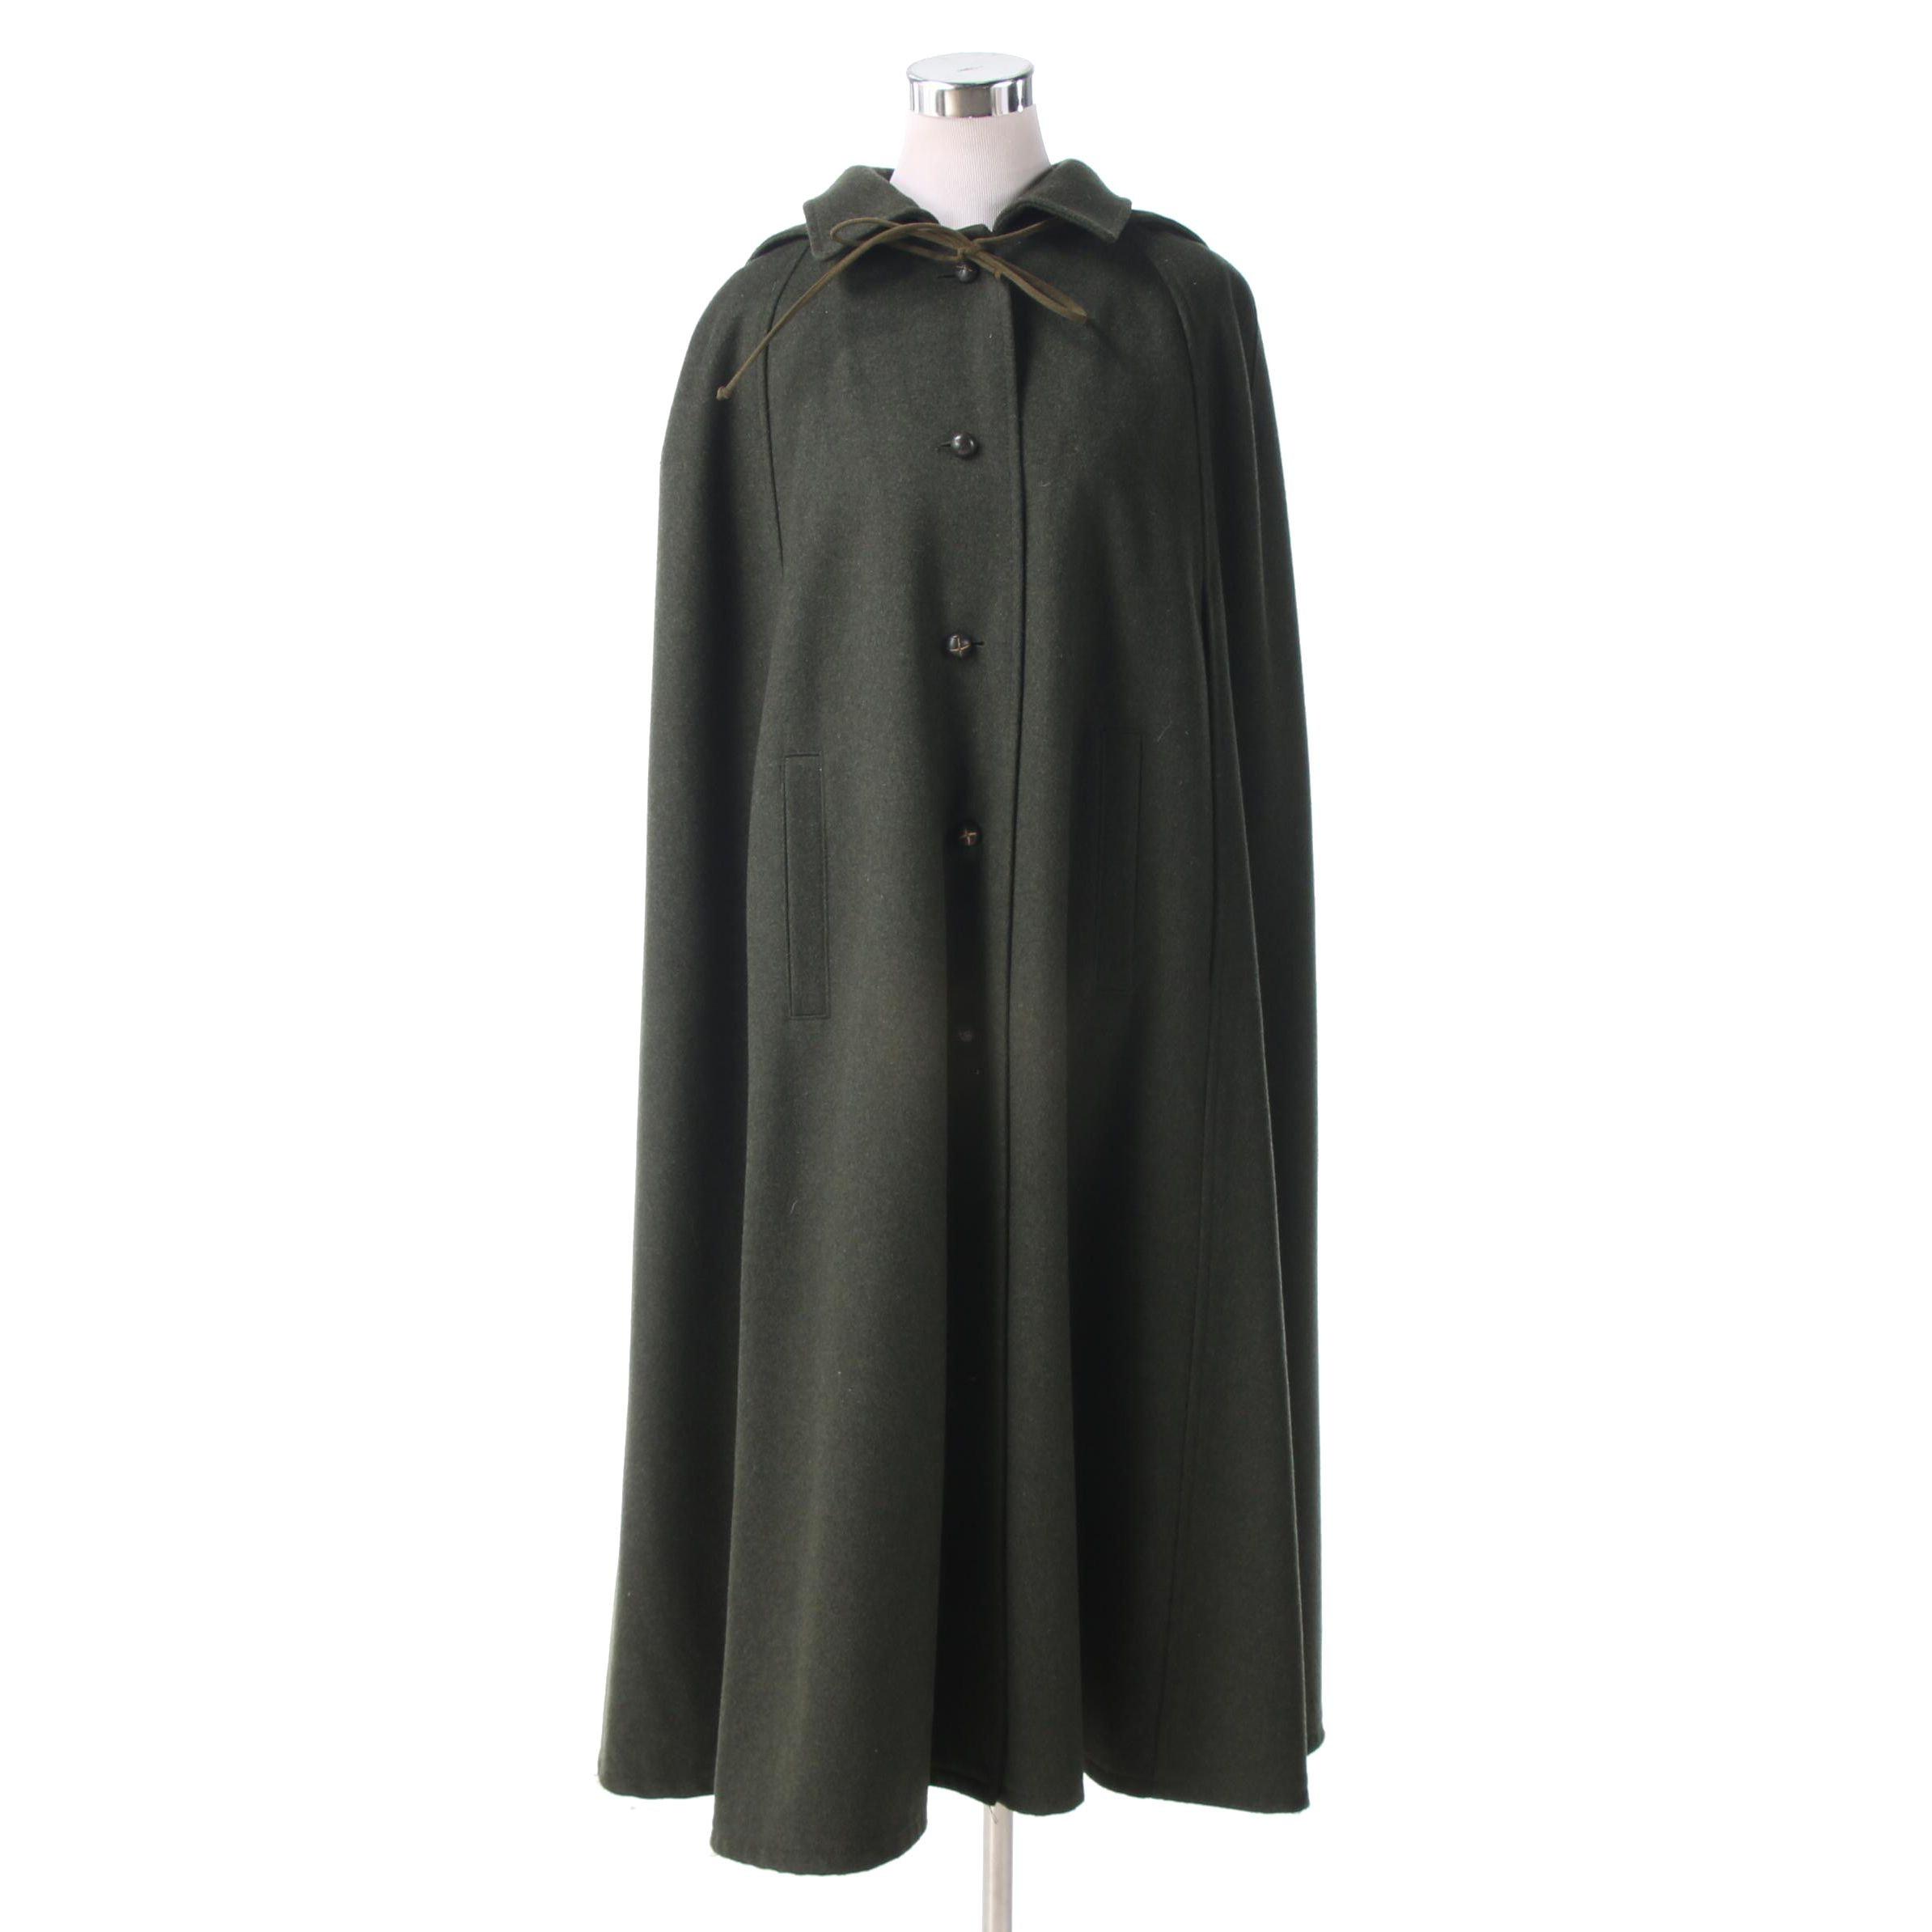 Lodenfrey of Munich, Germany Green Wool Hooded Cape Coat